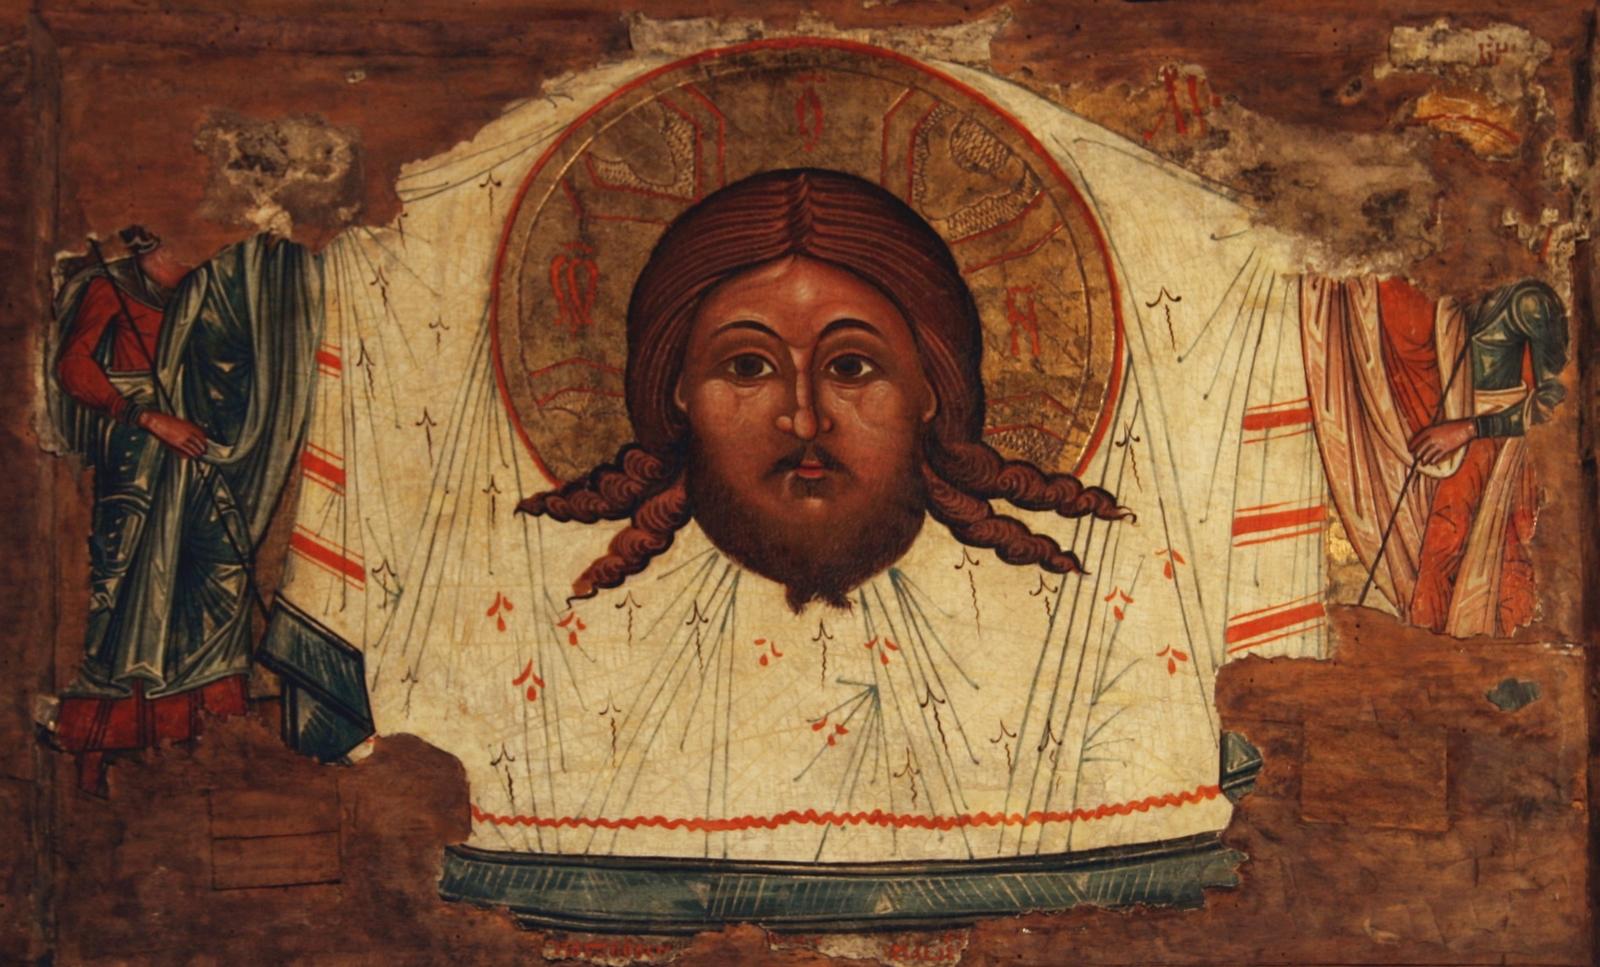 Cómo San Judas Tadeo Intercedió para que Jesucristo Estampara su Rostro en un Lienzo